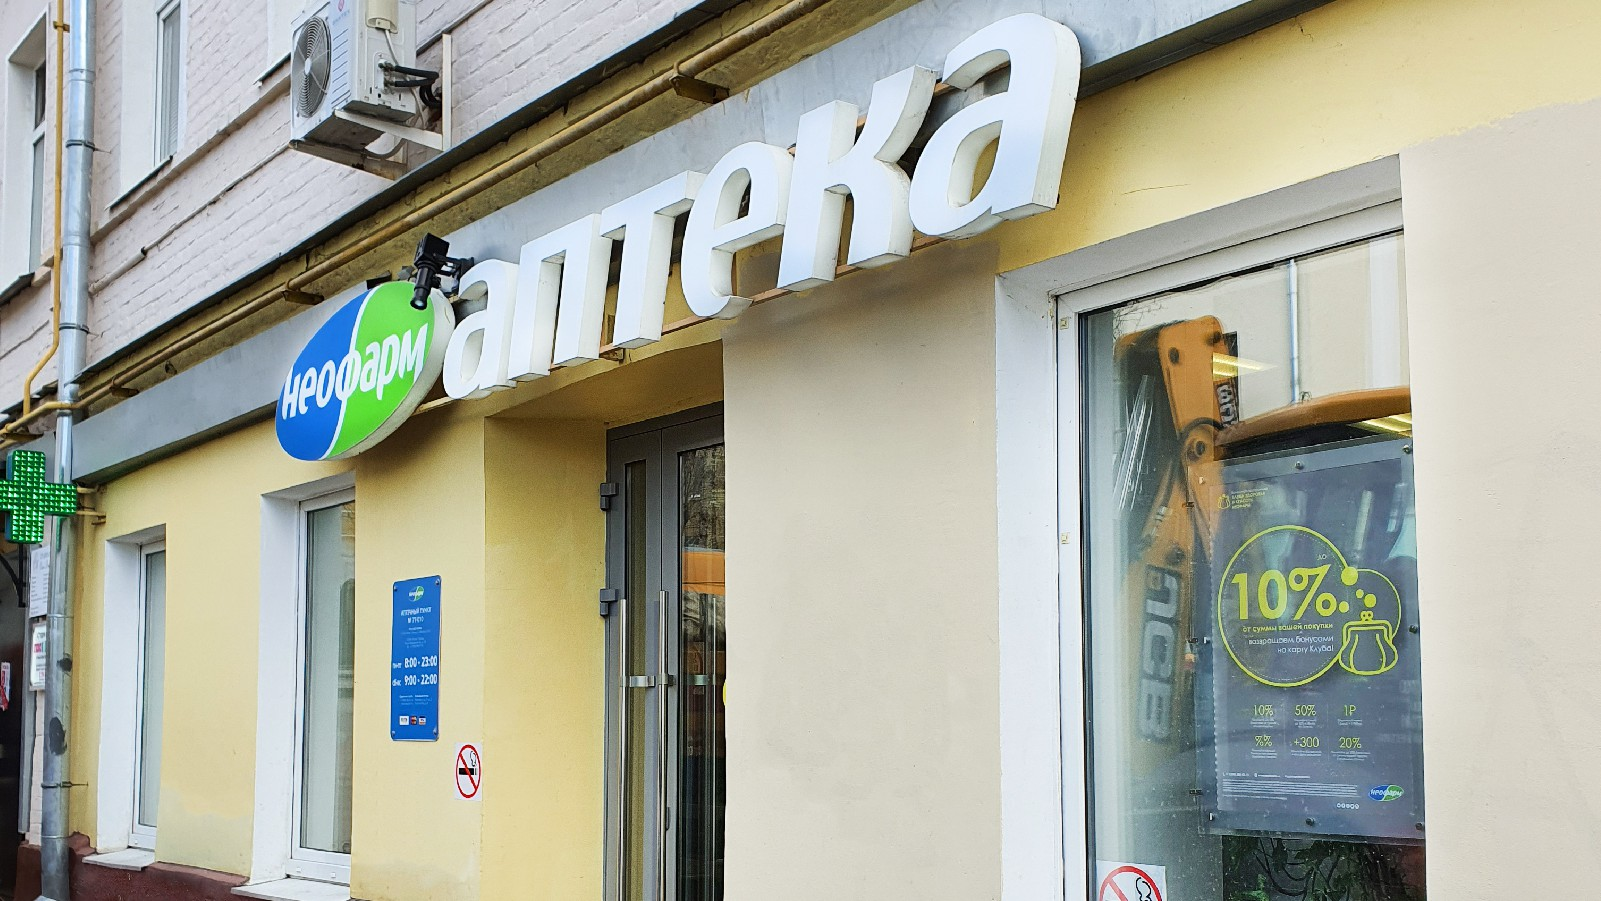 https://f.stolichki.ru/n/stores/77010-1.jpg